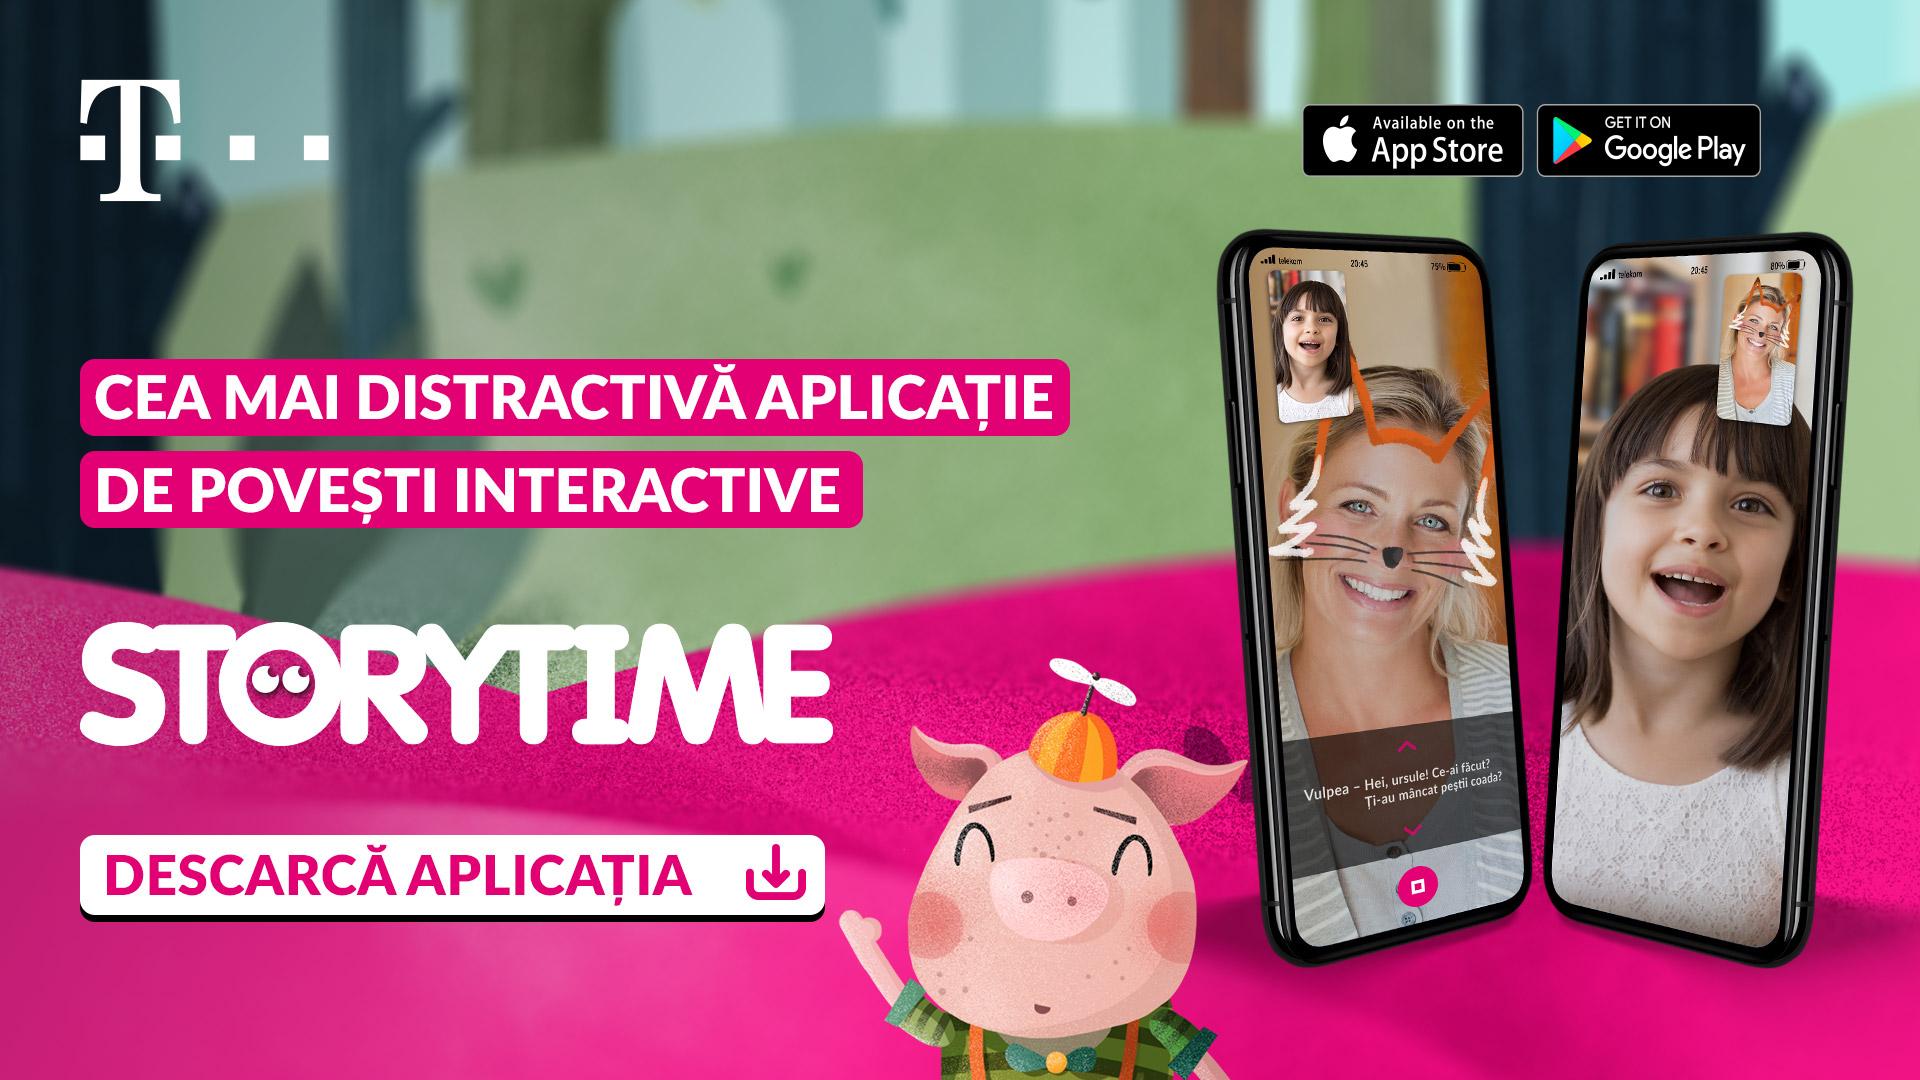 Storytime – O aplicație 100% made in RO vrea să ajute relația părinți-copii, chiar și la mii de kilometri distanță